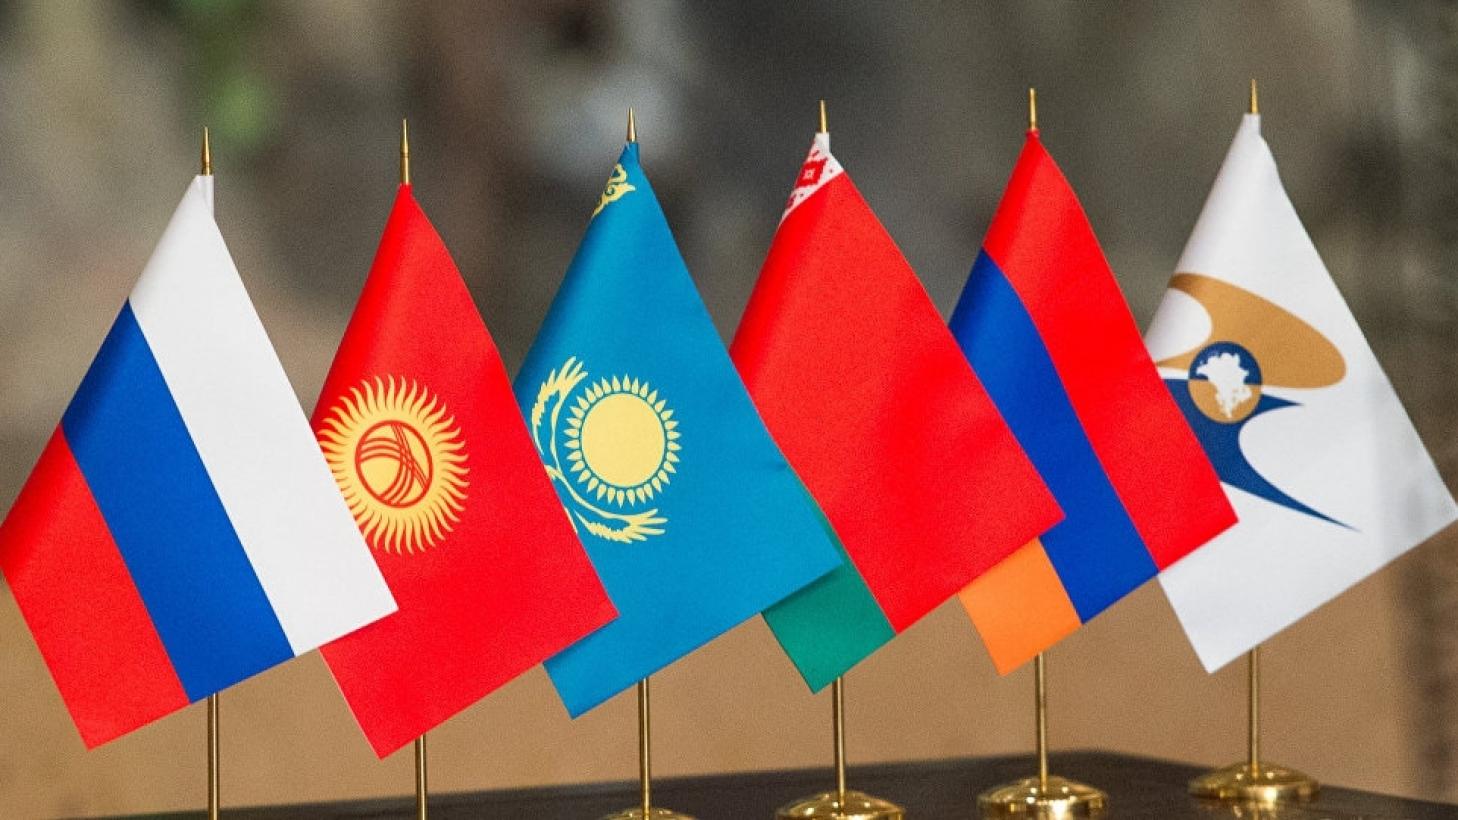 Саммит ЕАЭС состоится в столице Казахстана 29 мая